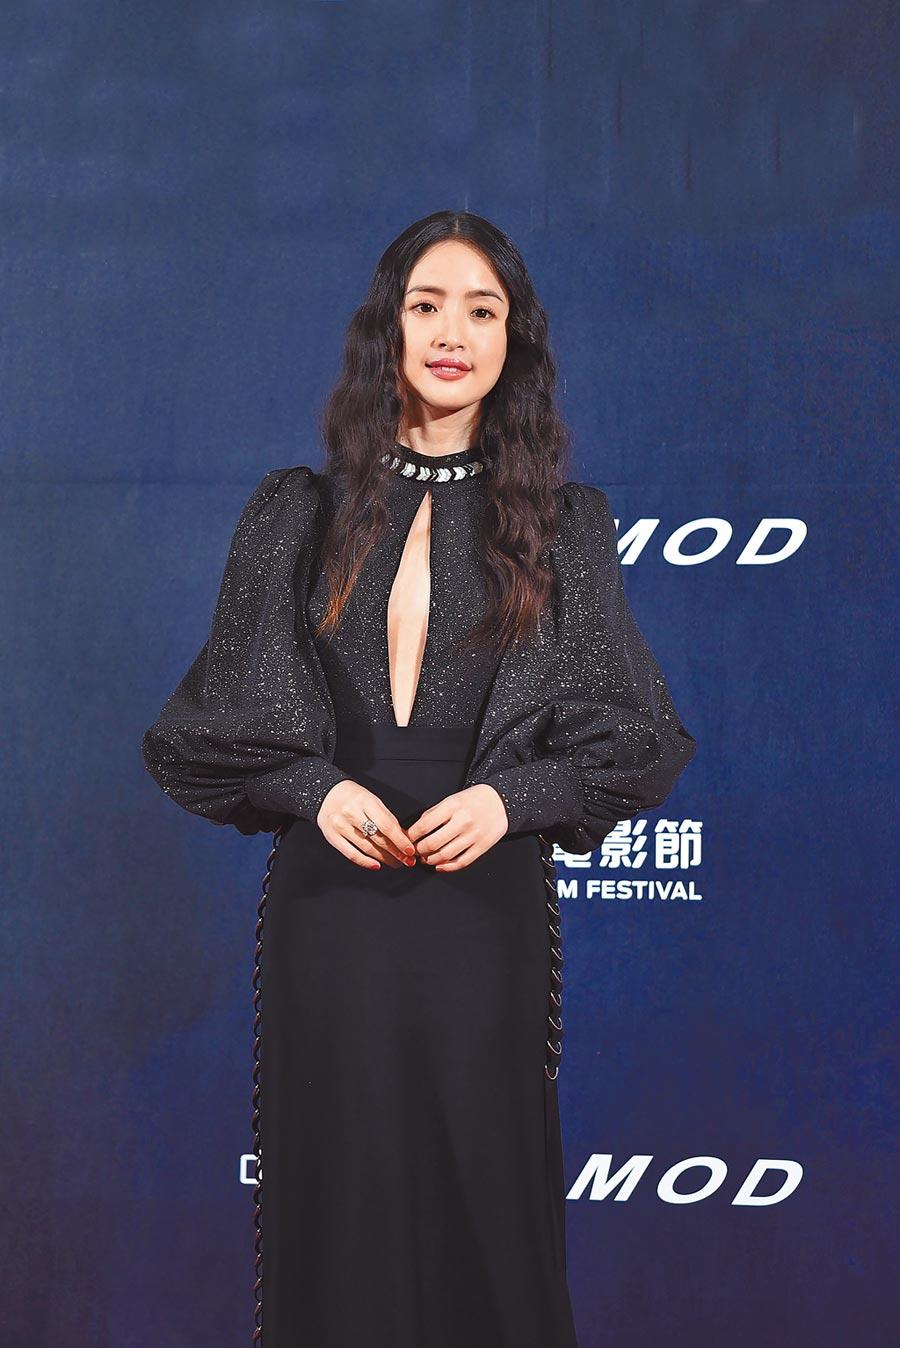 林依晨佩戴BOUCHERON黑白幾何對比的珠寶套組,與身上的服裝完美融合。(BOUCHERON提供)